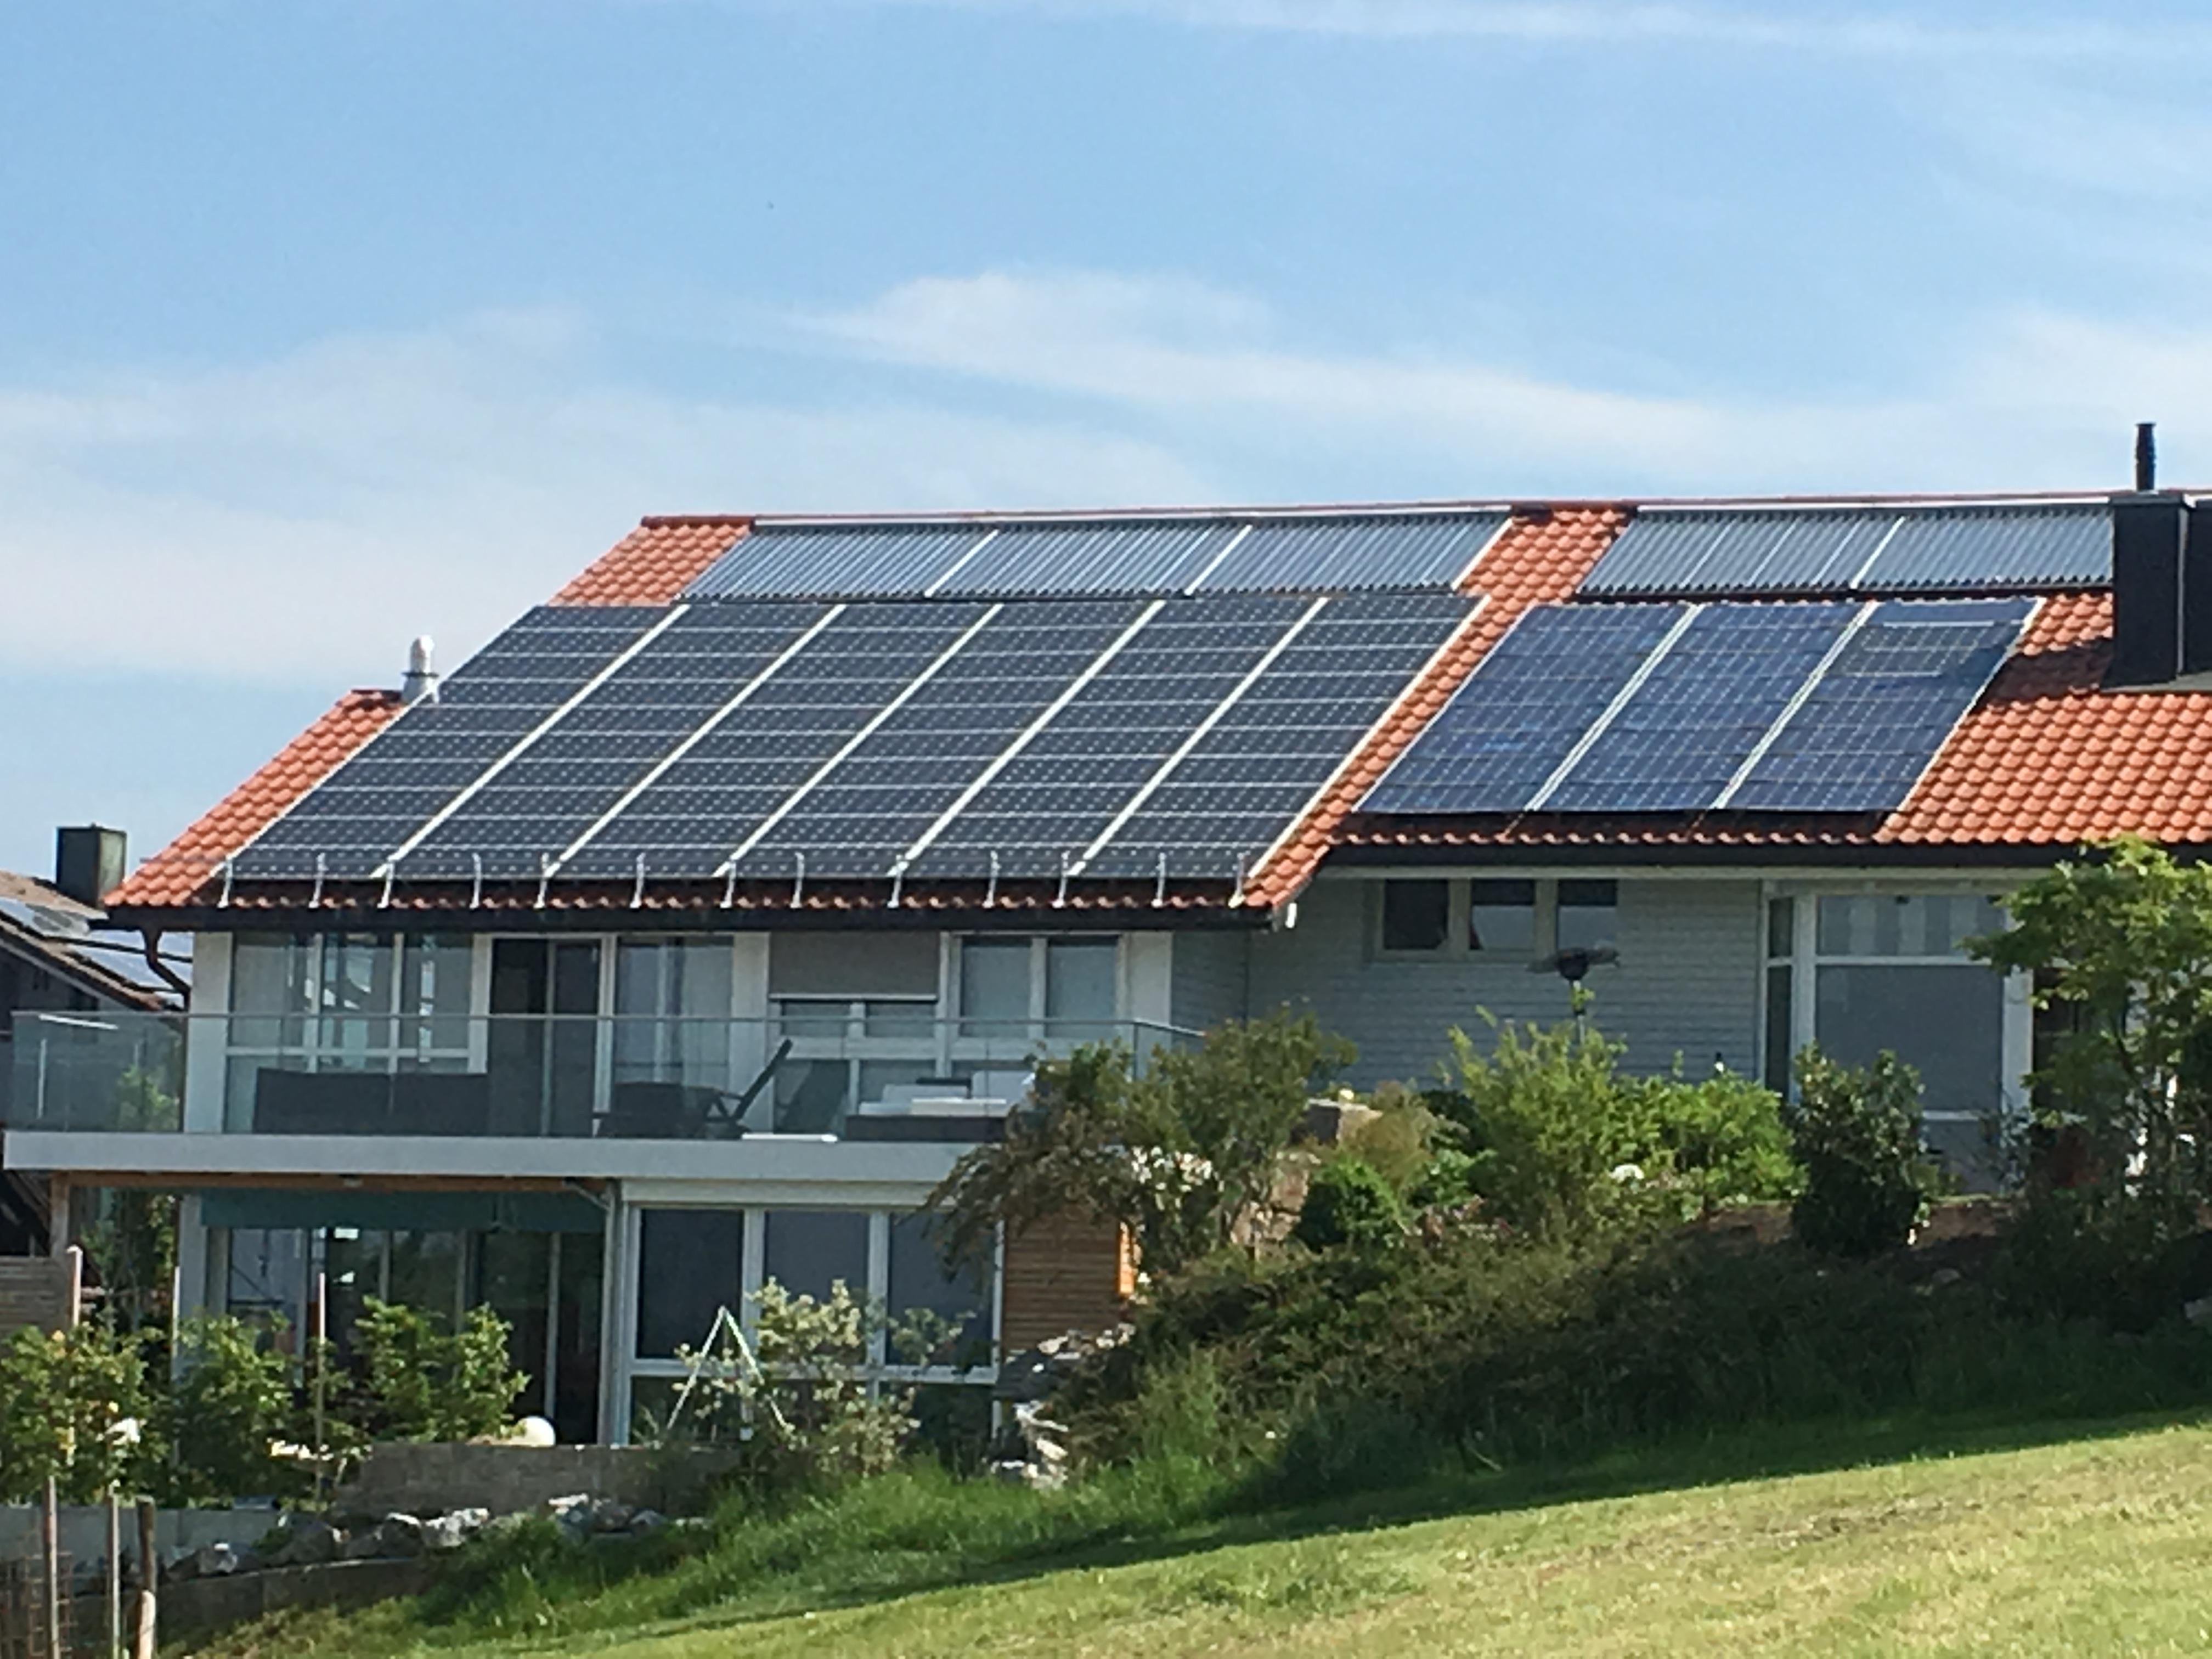 Solarteurshaus mit Solardach Handwerker des Monats Juni 2018 Guido Butscher GmbH